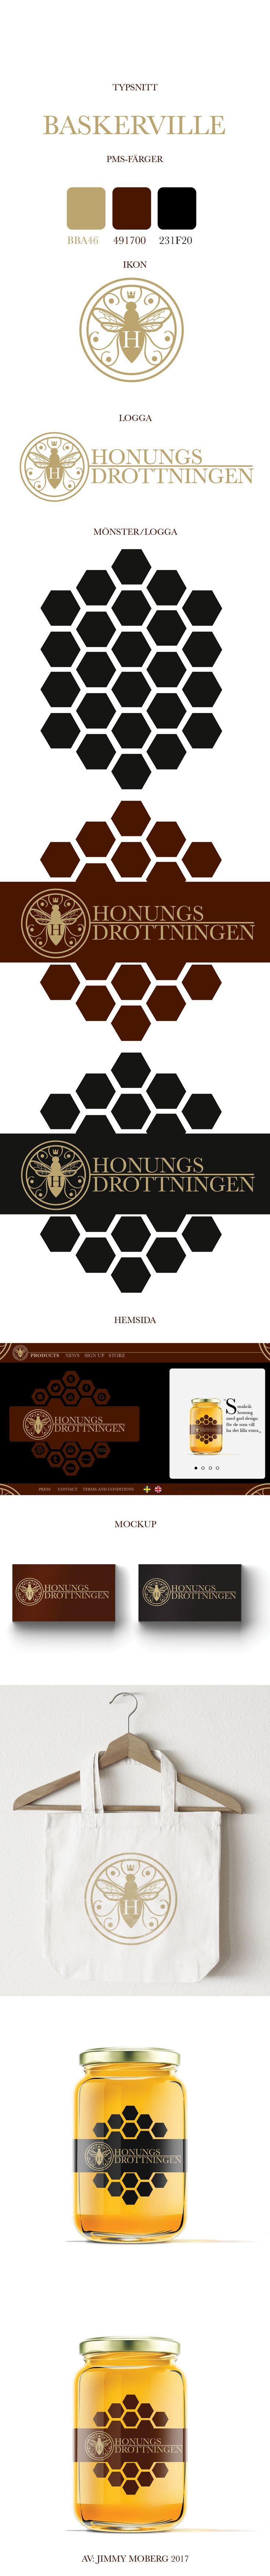 Se mitt @Behance-projekt: \u201cHonungsdrottningen\u201d https://www.behance.net/gallery/49430075/Honungsdrottningen